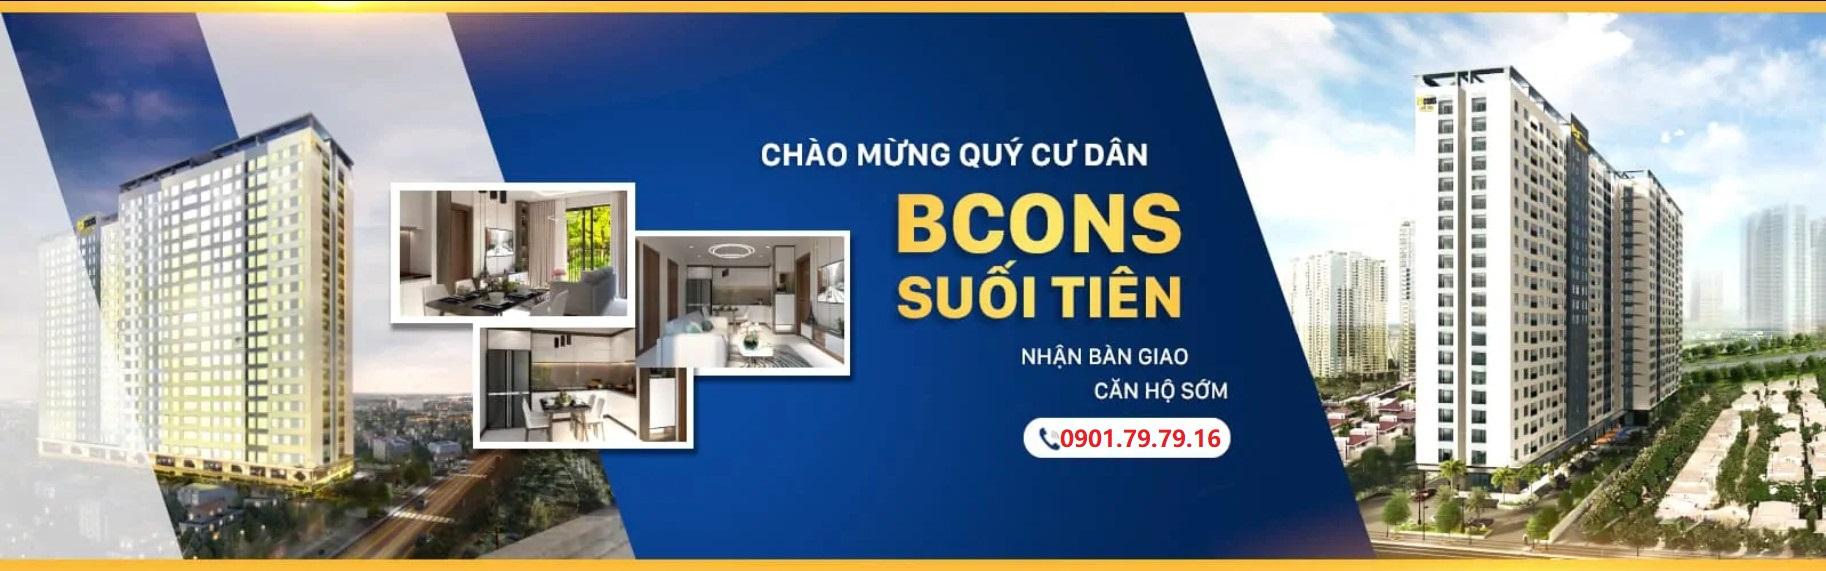 Chúc mừng cư dân Bcons Suối Tiên nhận nhà sớm